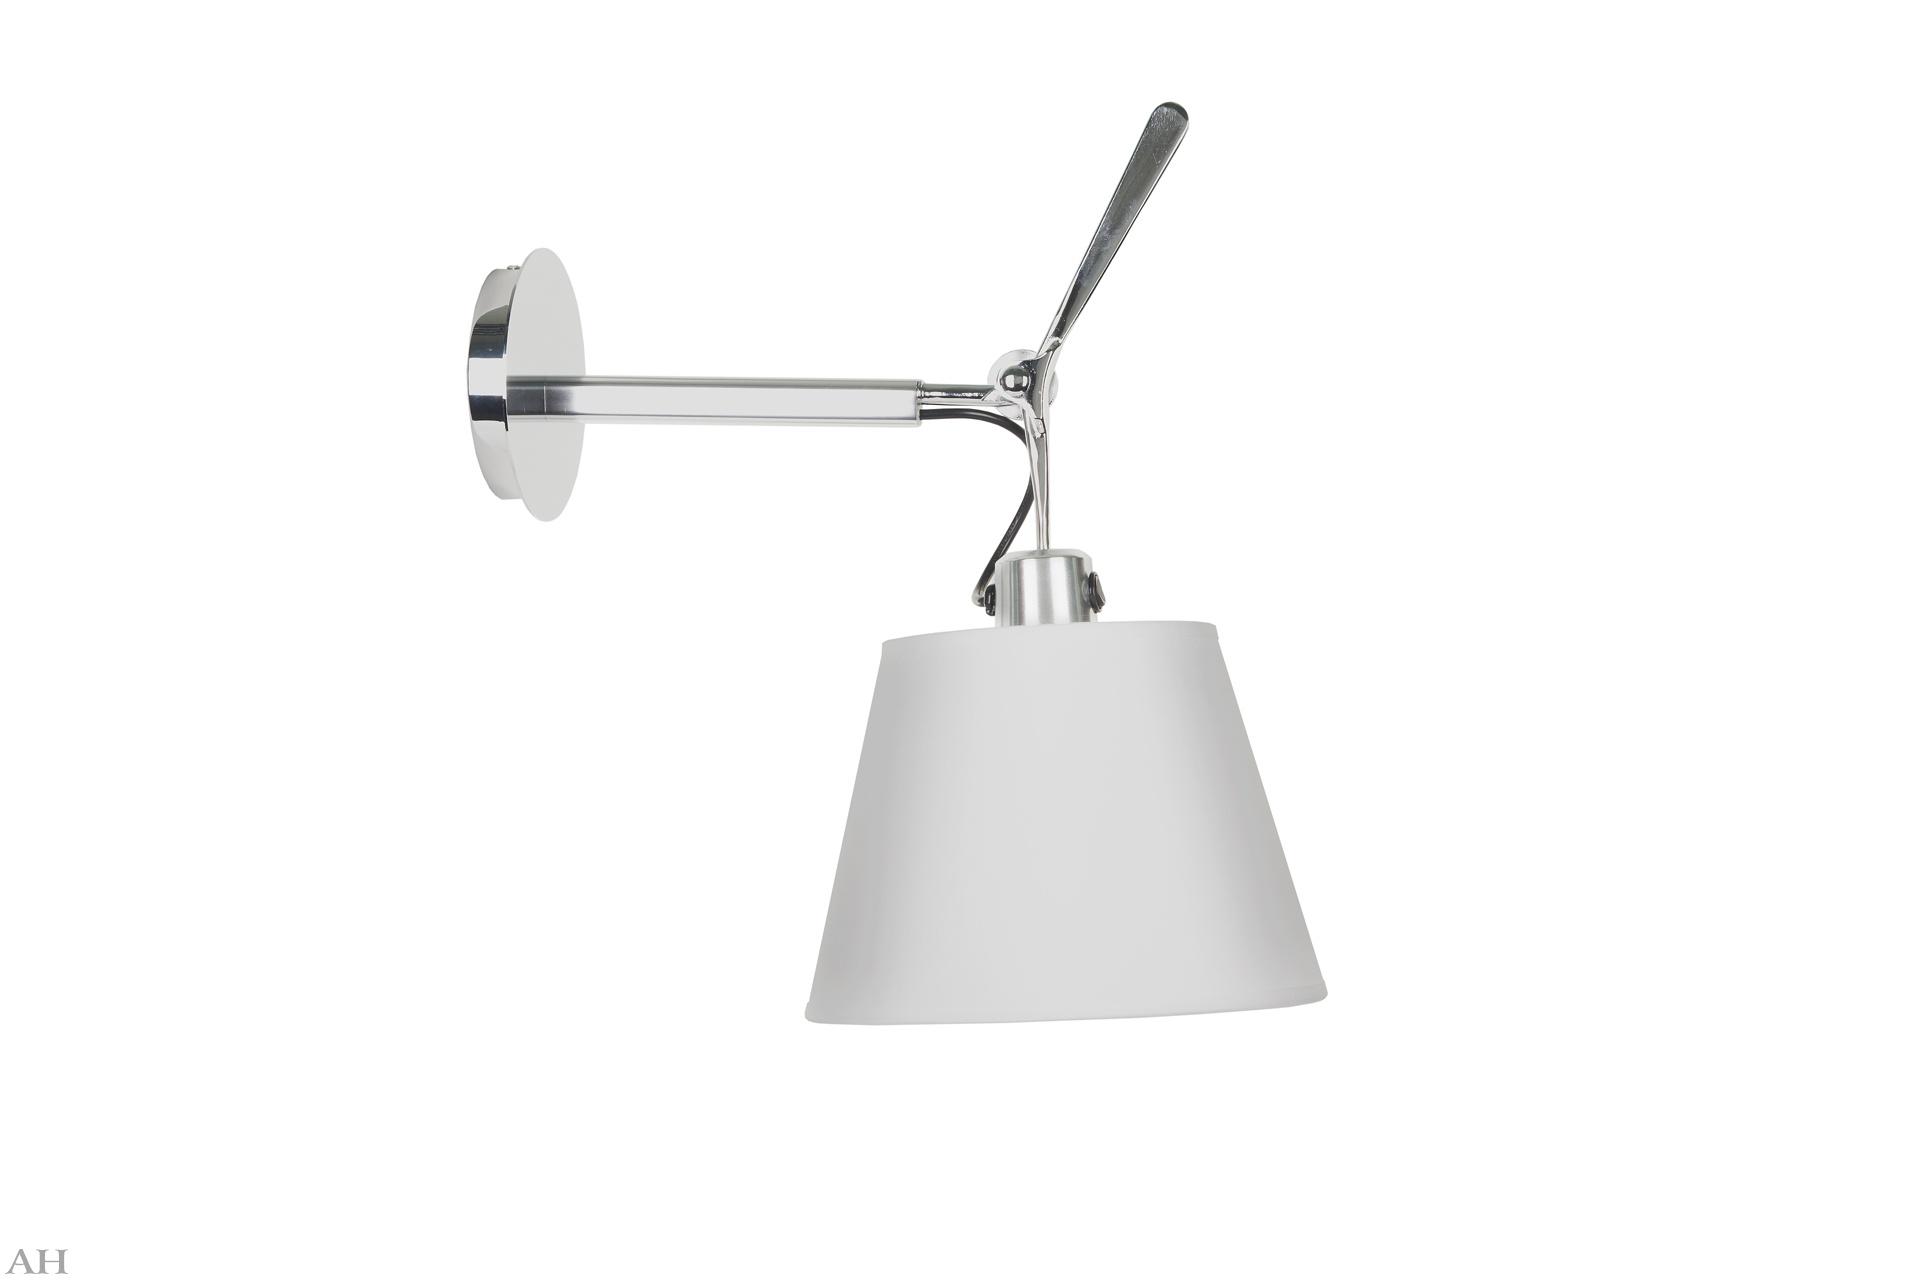 БраБра<br>Настенный светильник от Crystal Light отличается особой изысканностью, которая выражается в его лаконичном и элегантном оформлении. Ничего лишнего ? только самые необходимые детали. Это делает бра идеальным для минималистичных скандинавских интерьеров.&amp;lt;div&amp;gt;&amp;lt;br&amp;gt;&amp;lt;/div&amp;gt;&amp;lt;div&amp;gt;Бра с одним тканевым плафоном белого цвета, металлическое основание, цвет матовый хром. Состоит из 2-х частей: L1 (неподвижная, от стены) - 22 см, L2 (подвижная, до плафона) - 15 см. В общем, с верхней декоративной частью - 28 см. Диаметр основания 13 см, диаметр плафона 24 см.&amp;amp;nbsp;Патрон E27, мощность max 1*60W.&amp;lt;/div&amp;gt;<br><br>Material: Металл<br>Length см: 28<br>Diameter см: 24